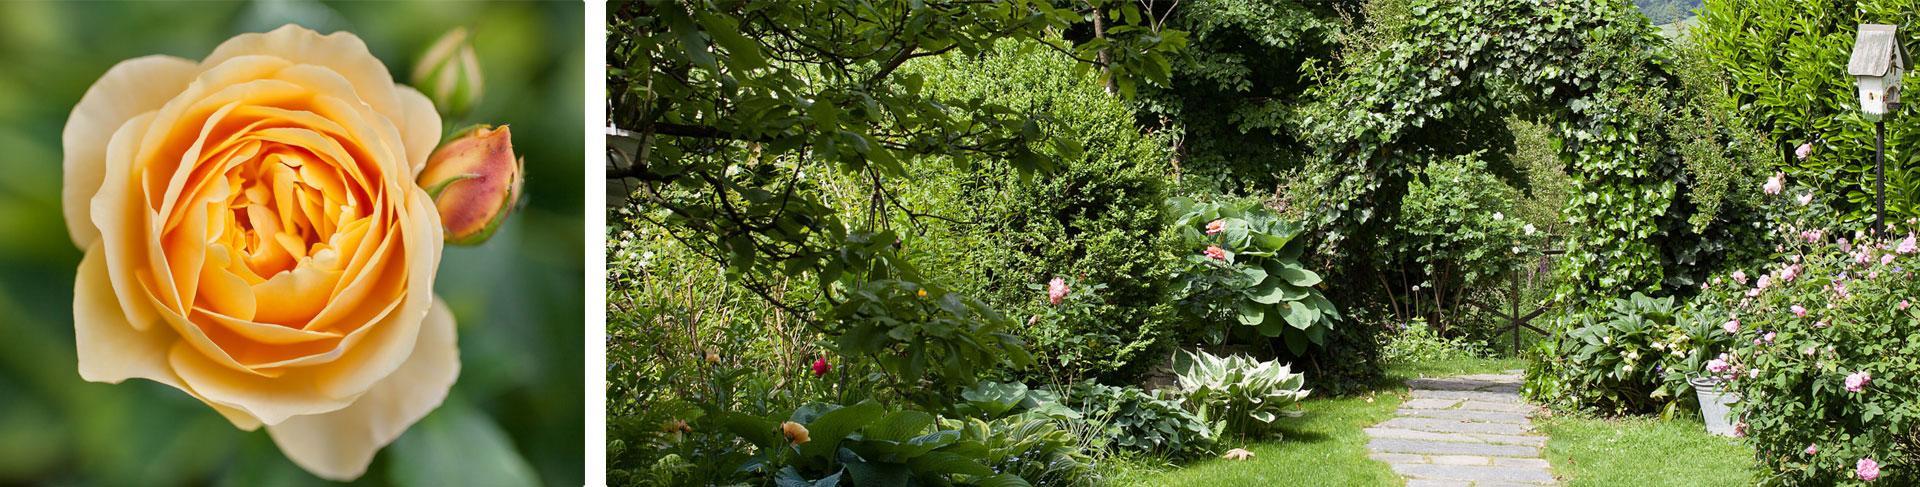 Blick in den Garten des Rosenecks mit viel Grün und Blumen